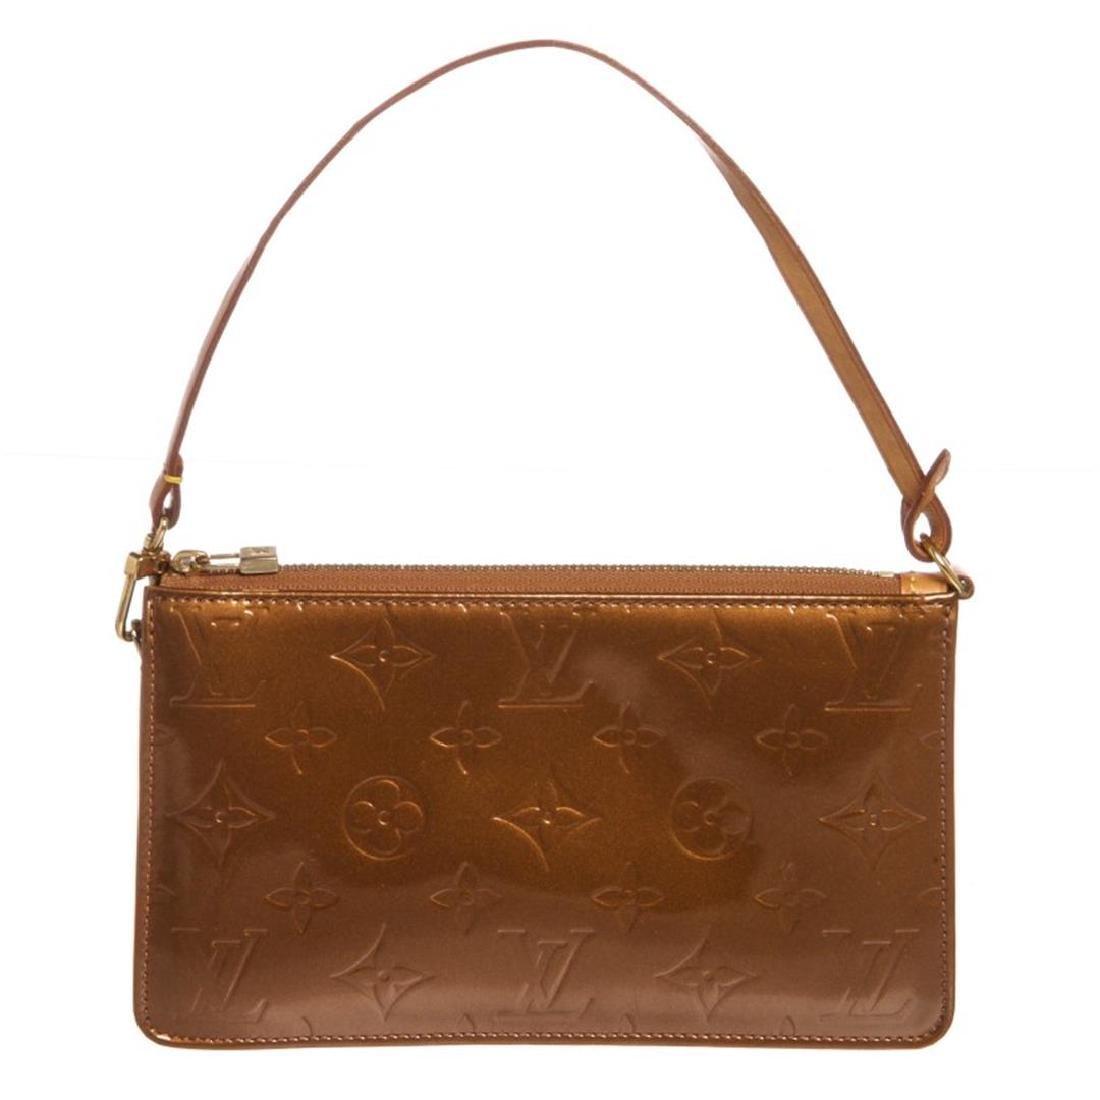 Louis Vuitton Bronze Monogram Vernis Leather Lexington